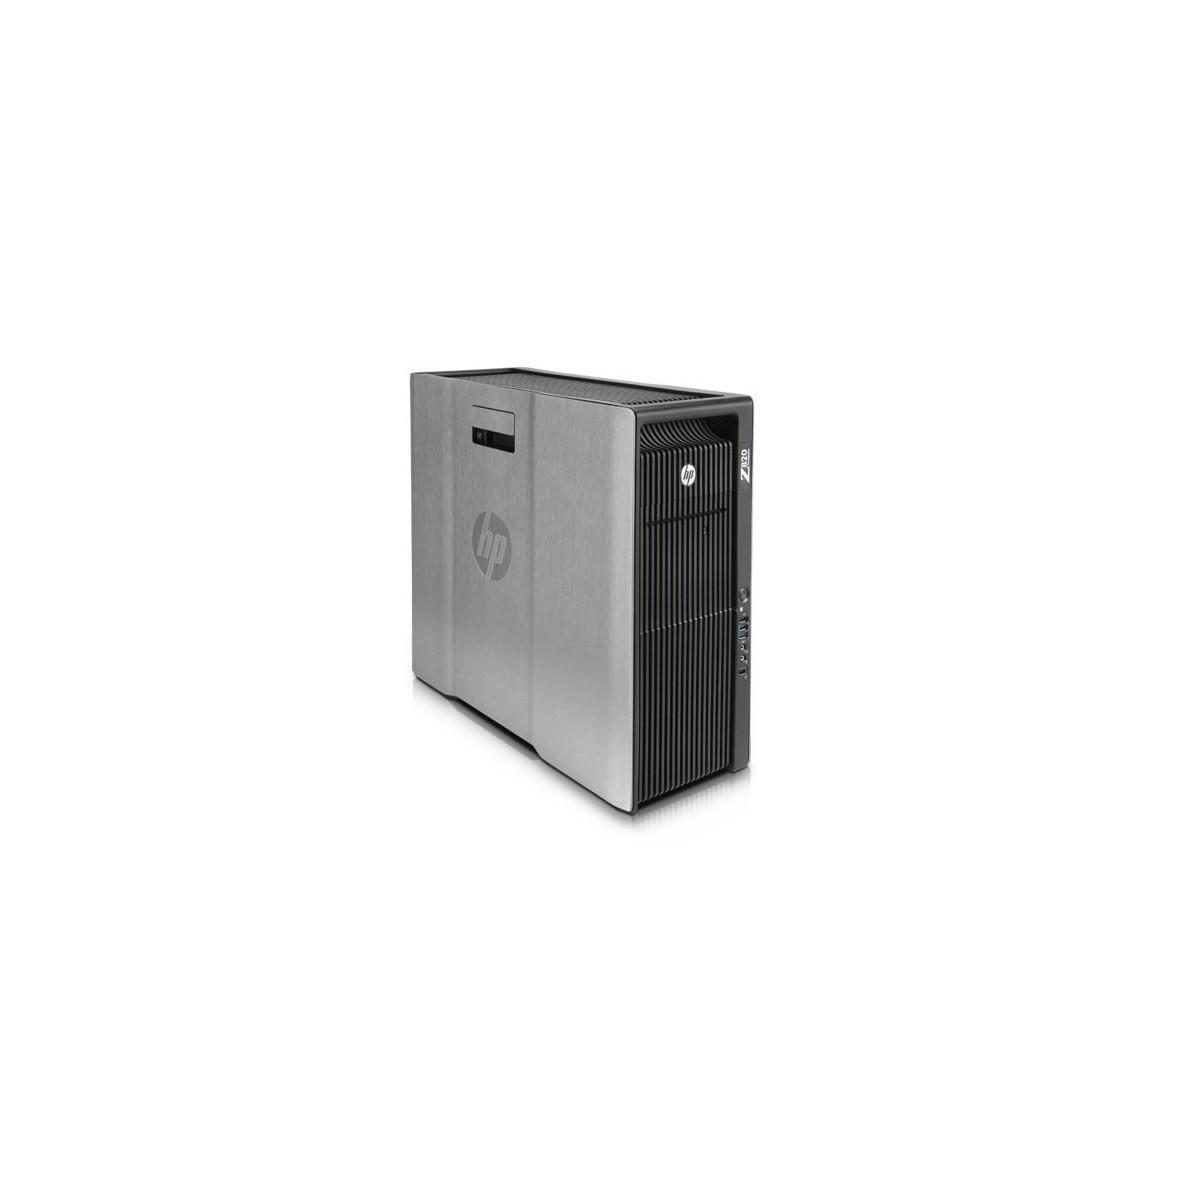 DELL SEAGATE CHEETAH 300GB SAS 6G 15K7 ST3300657SS